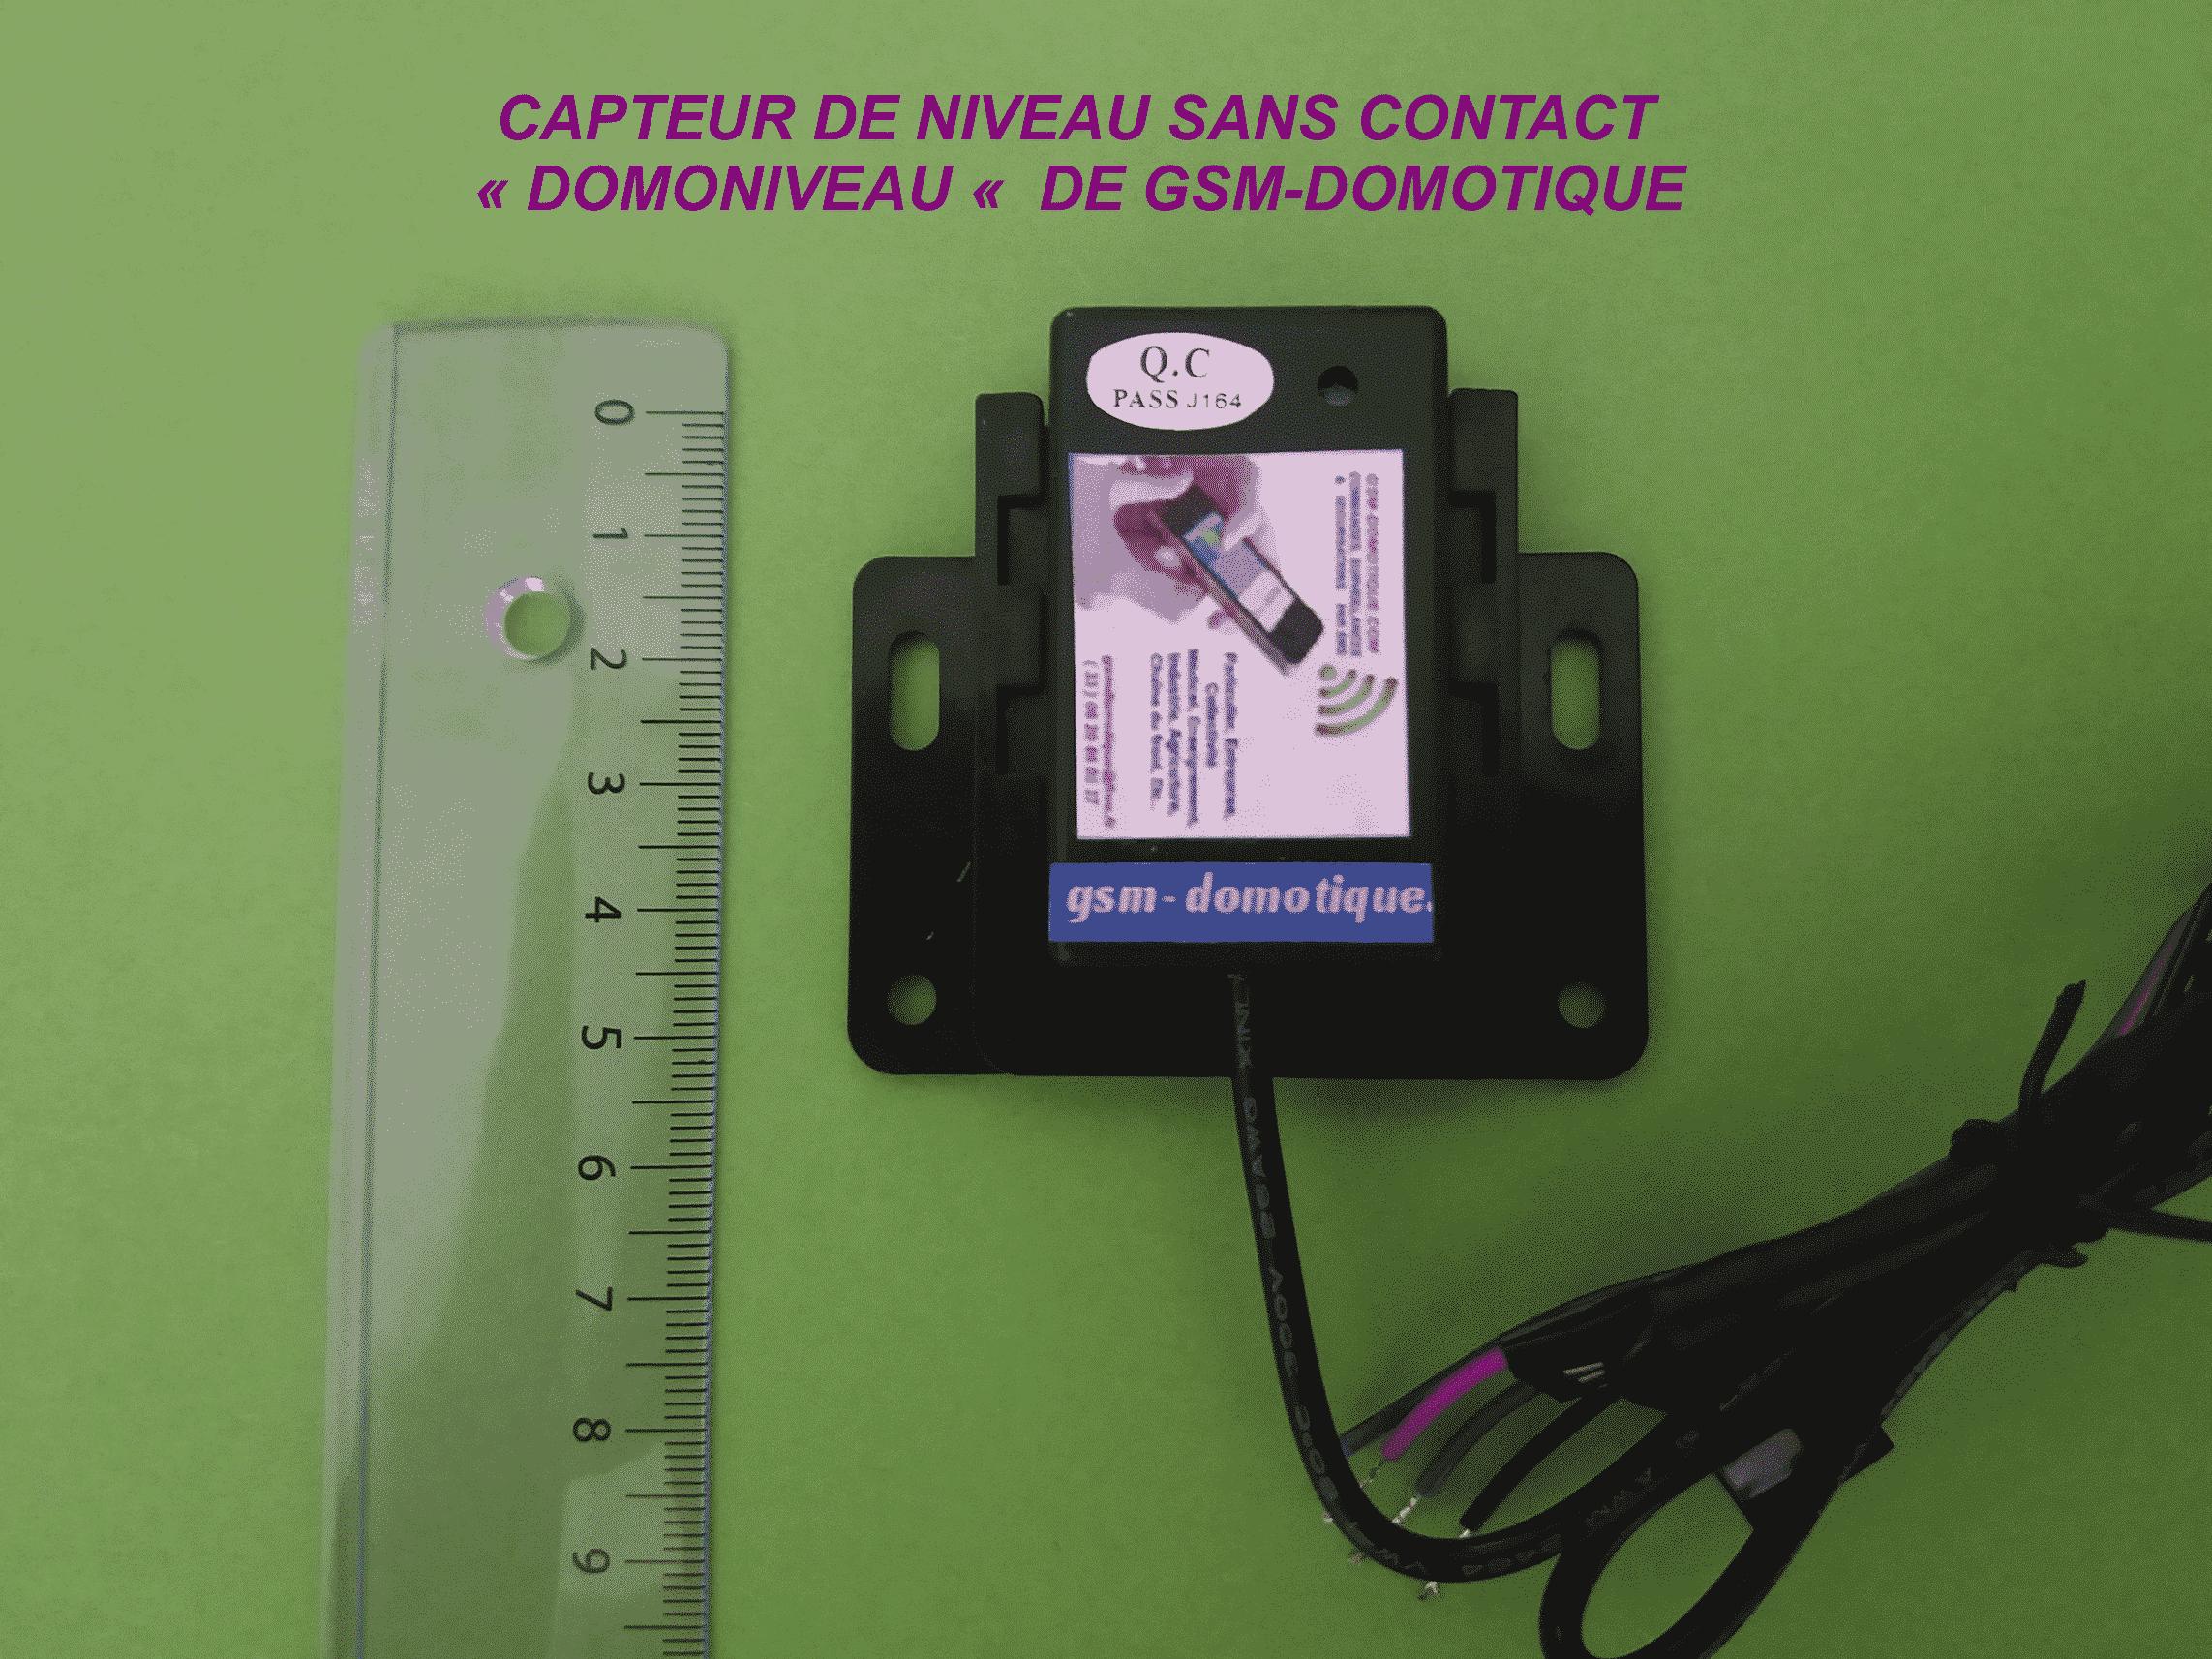 Capteur de niveau sans contact liquide-solide de gsmdomotique